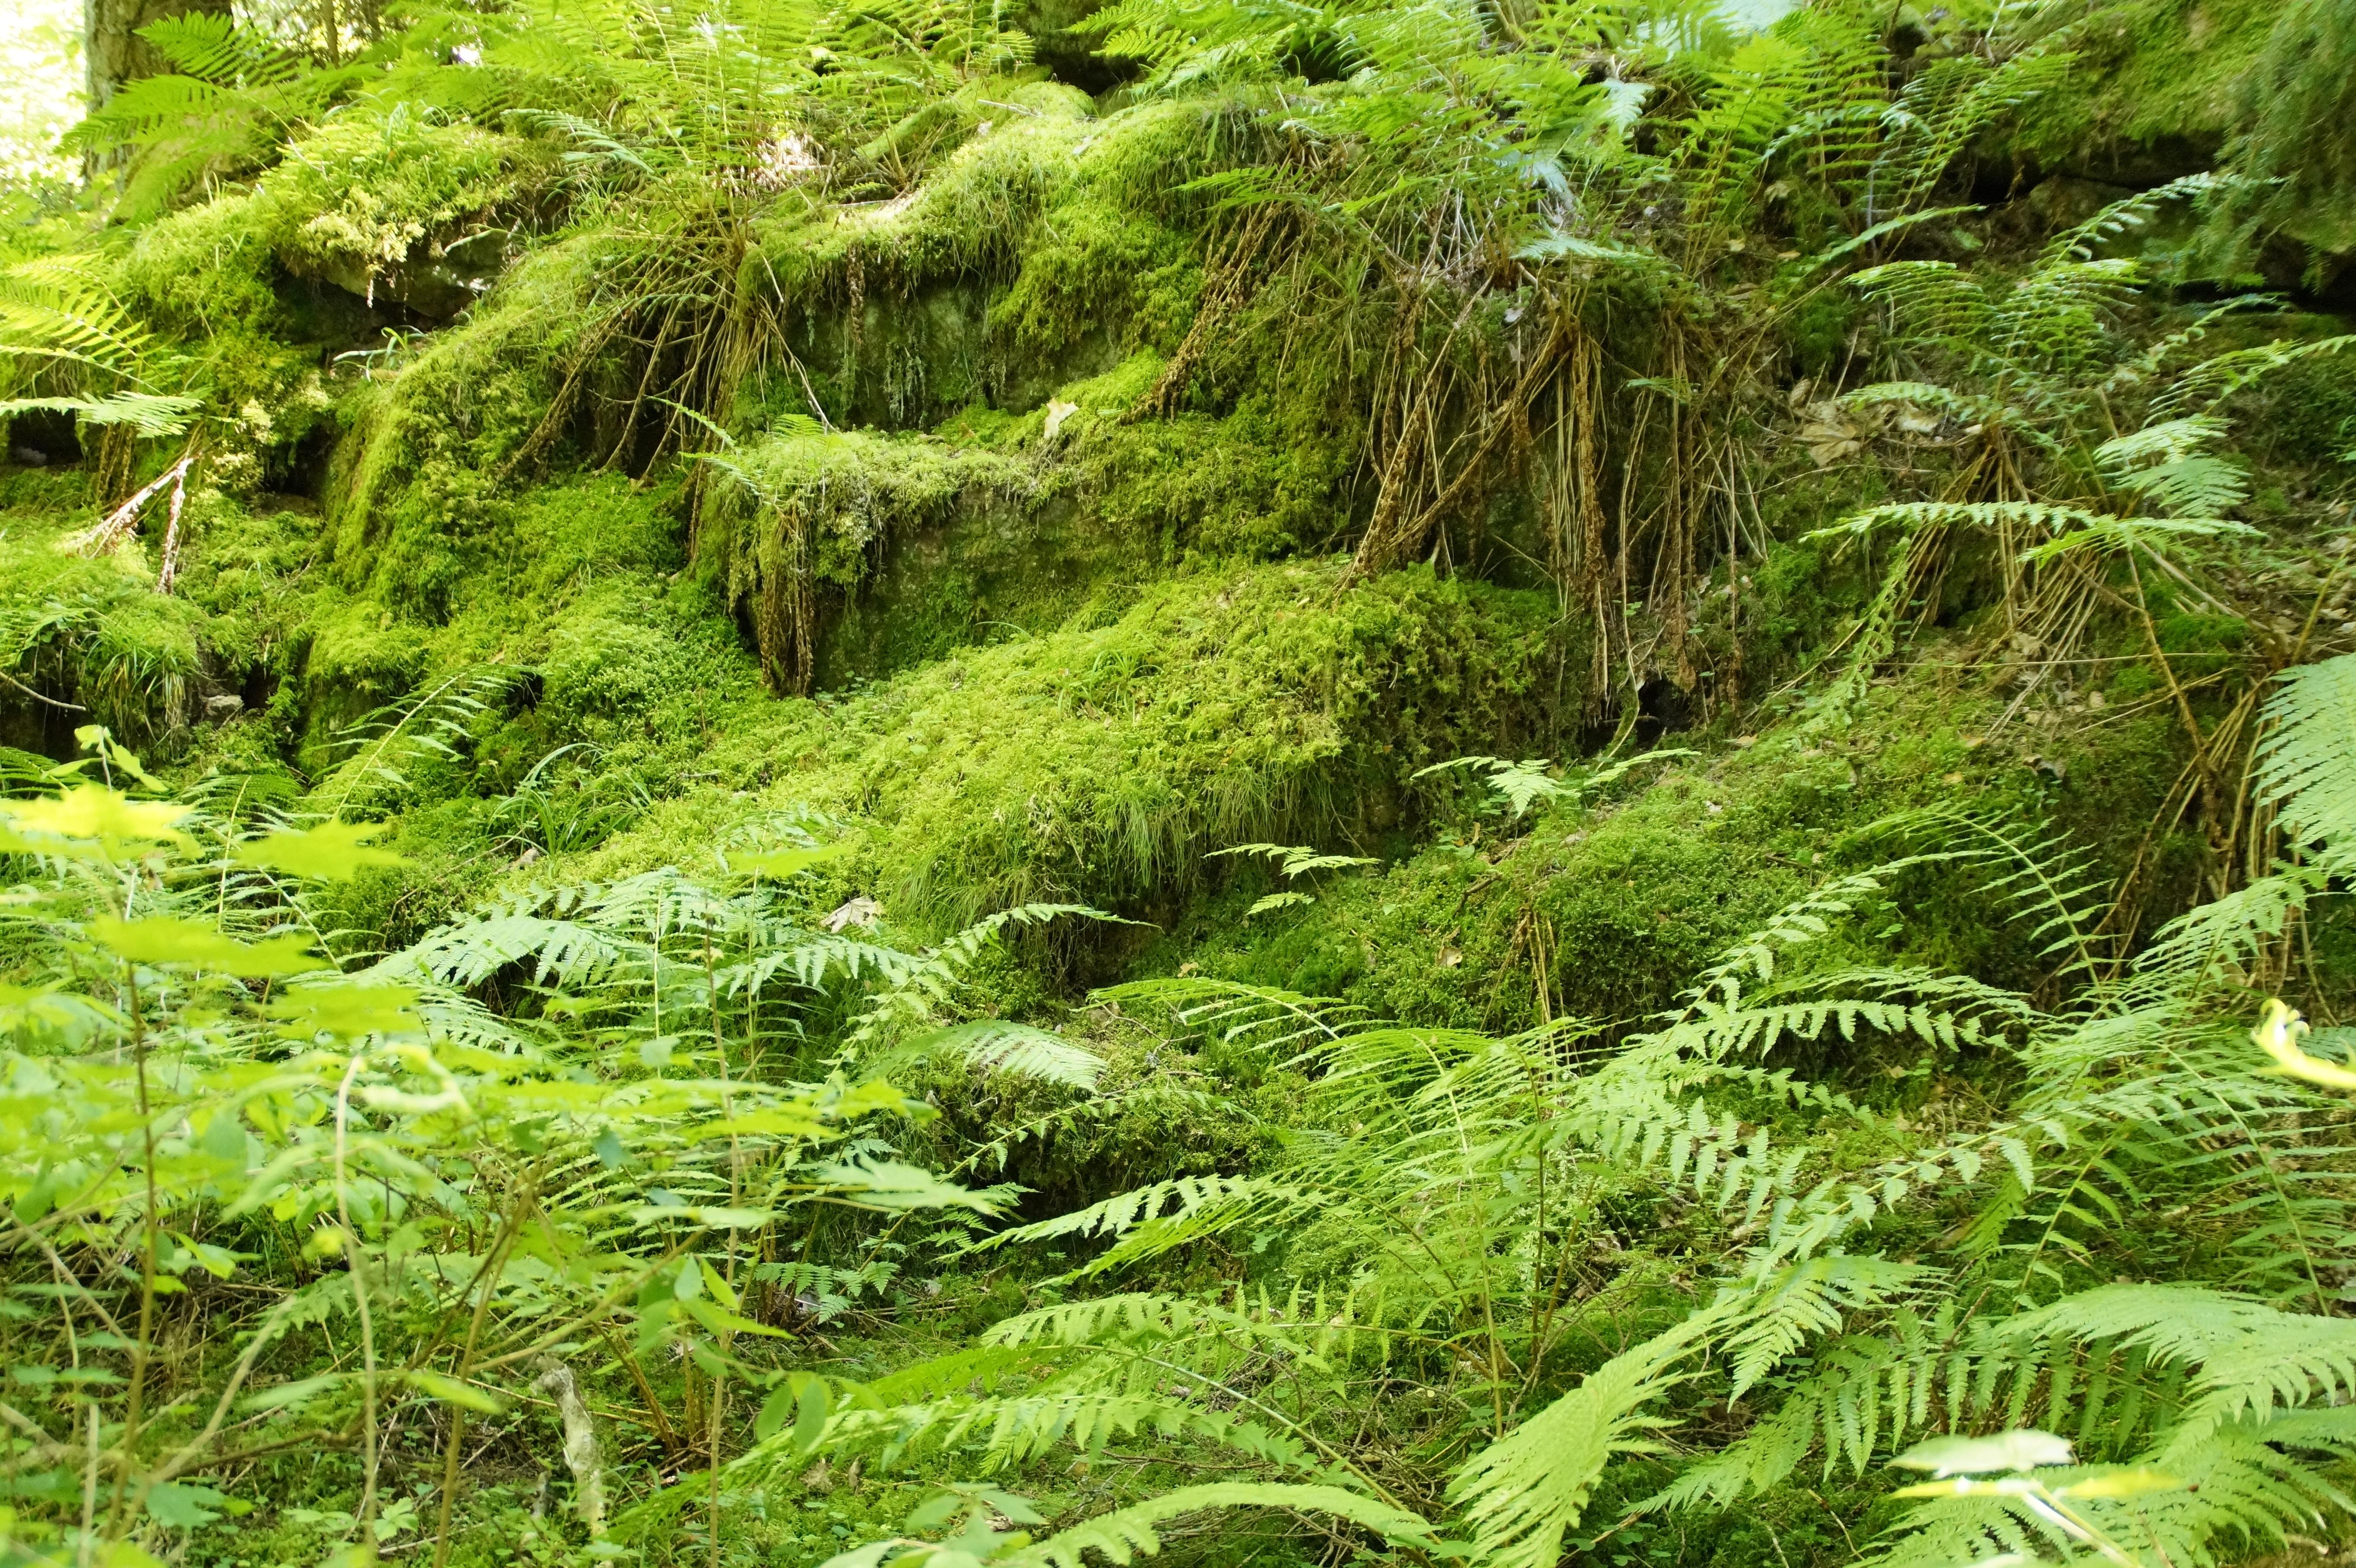 Plantas De Selva Alta: Free Images : Tree, Nature, Mystical, Moss, Idyllic, Green